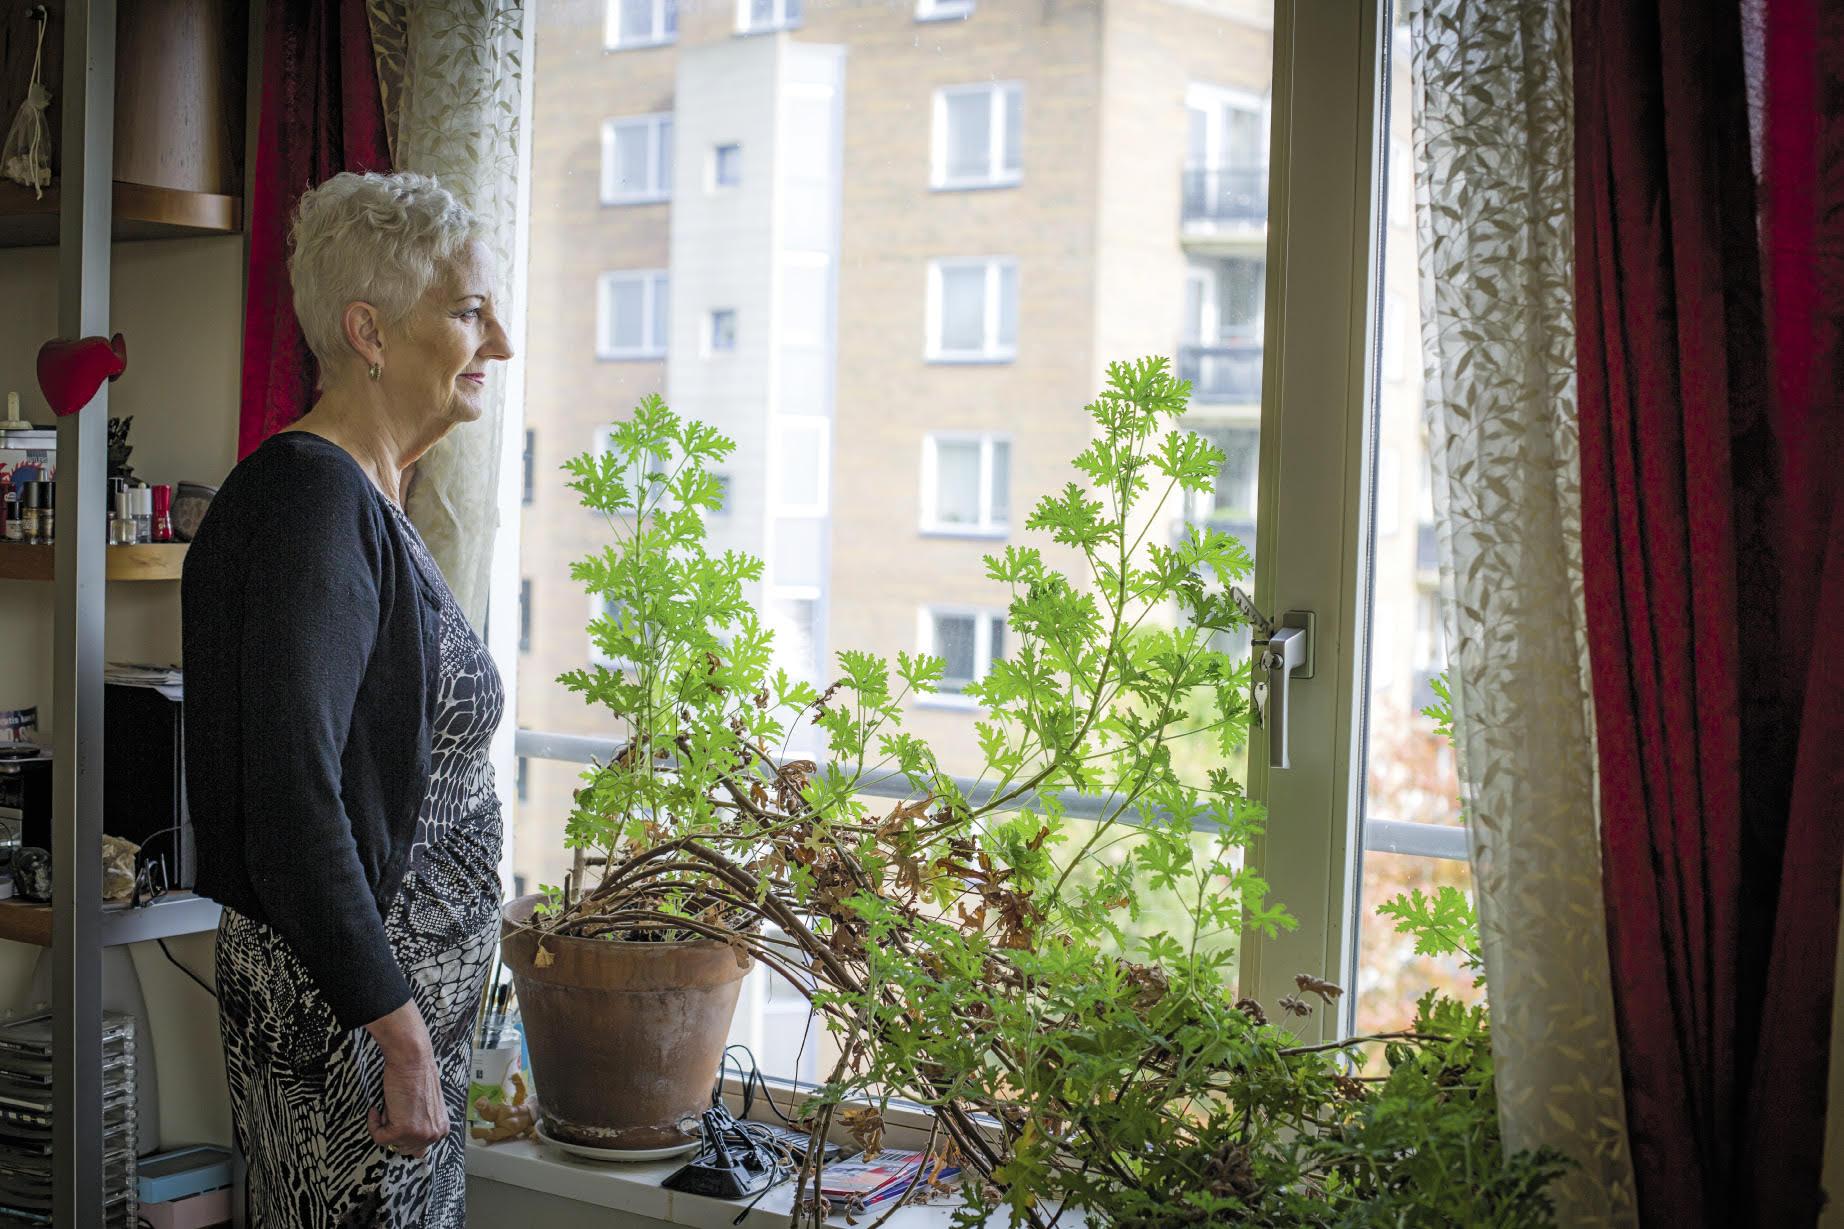 Raad van haar maatschappelijk werkster hielp Tineke enorm | © Sandra Hoogeboom